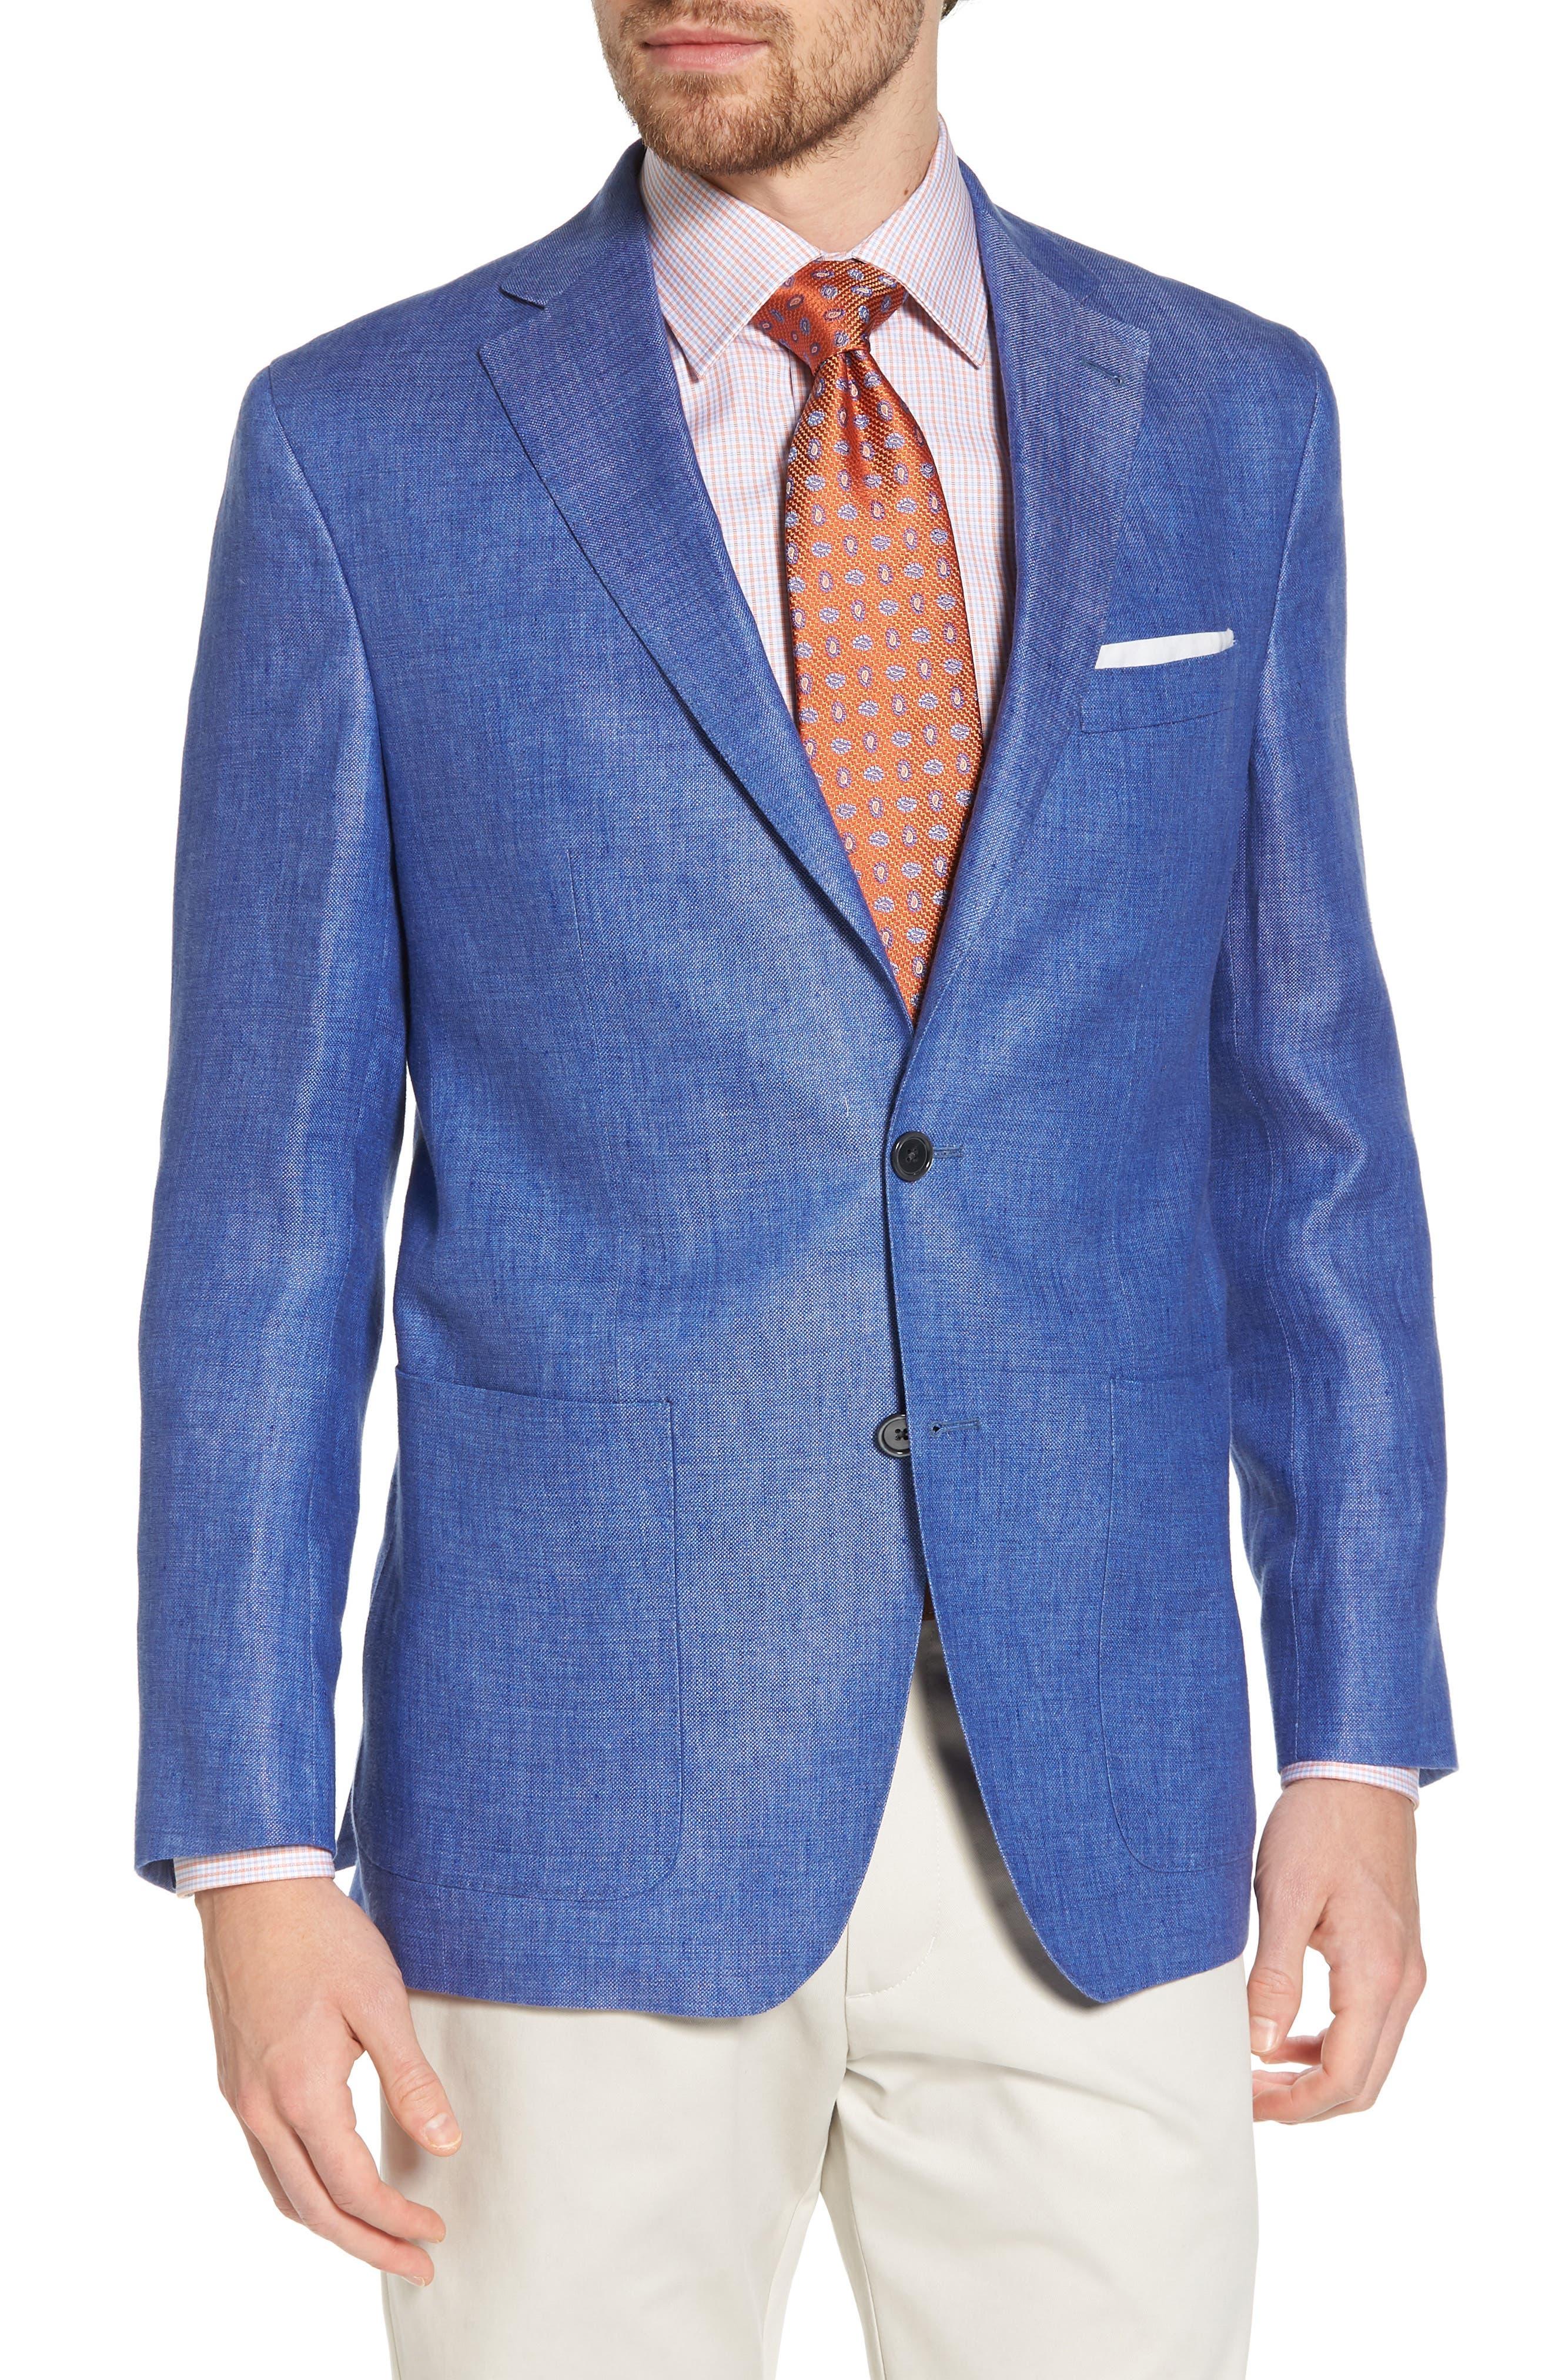 Aiden Classic Fit Linen Blazer,                             Main thumbnail 1, color,                             Blue